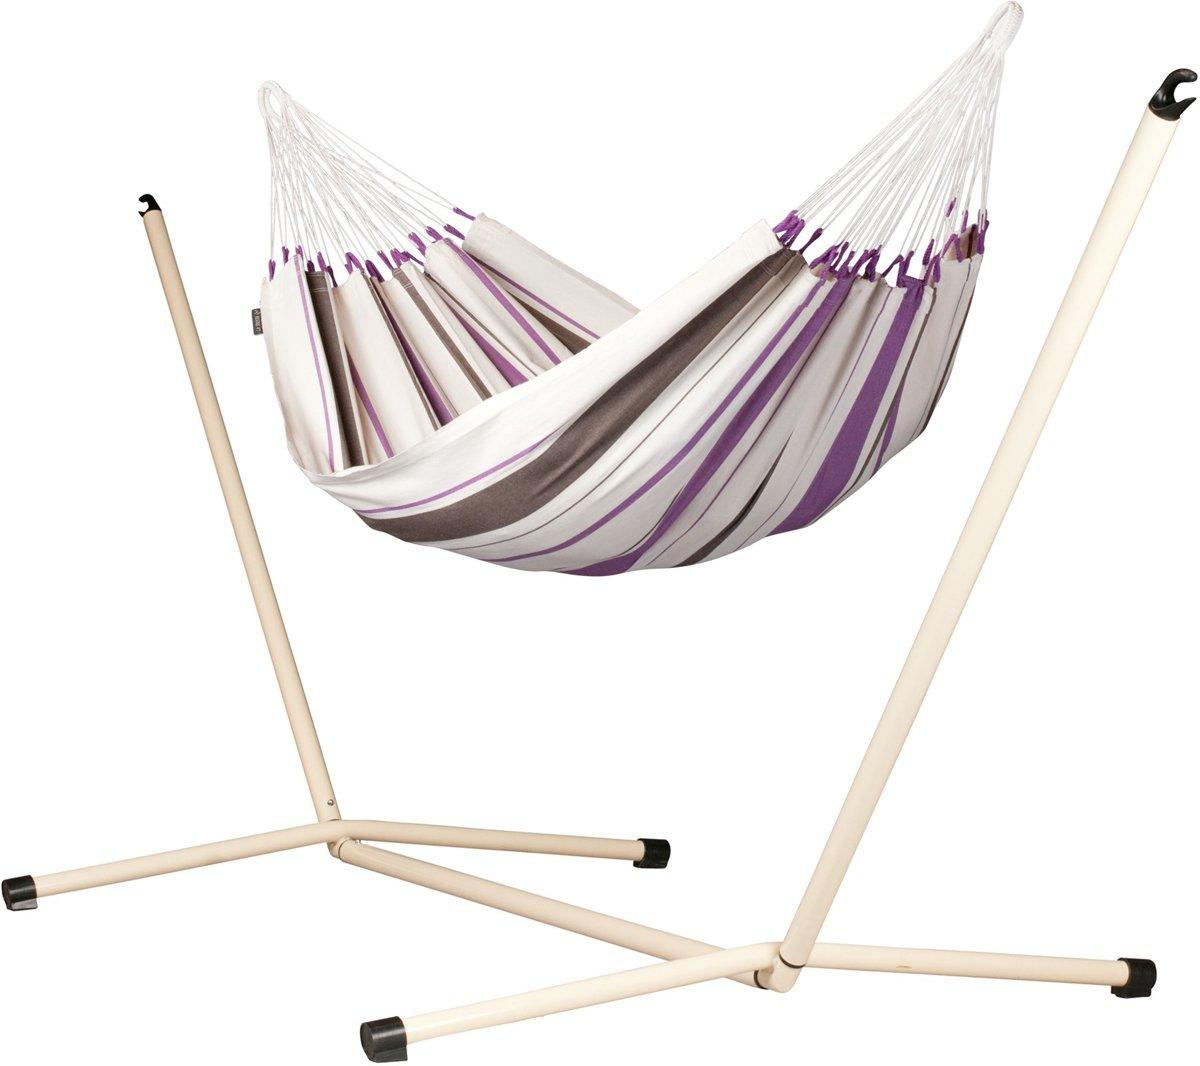 Hangmatset: 1-peroons hangmat CARIBEÑA purple + Standaard voor 1-persoons hangmat NEPTUNO